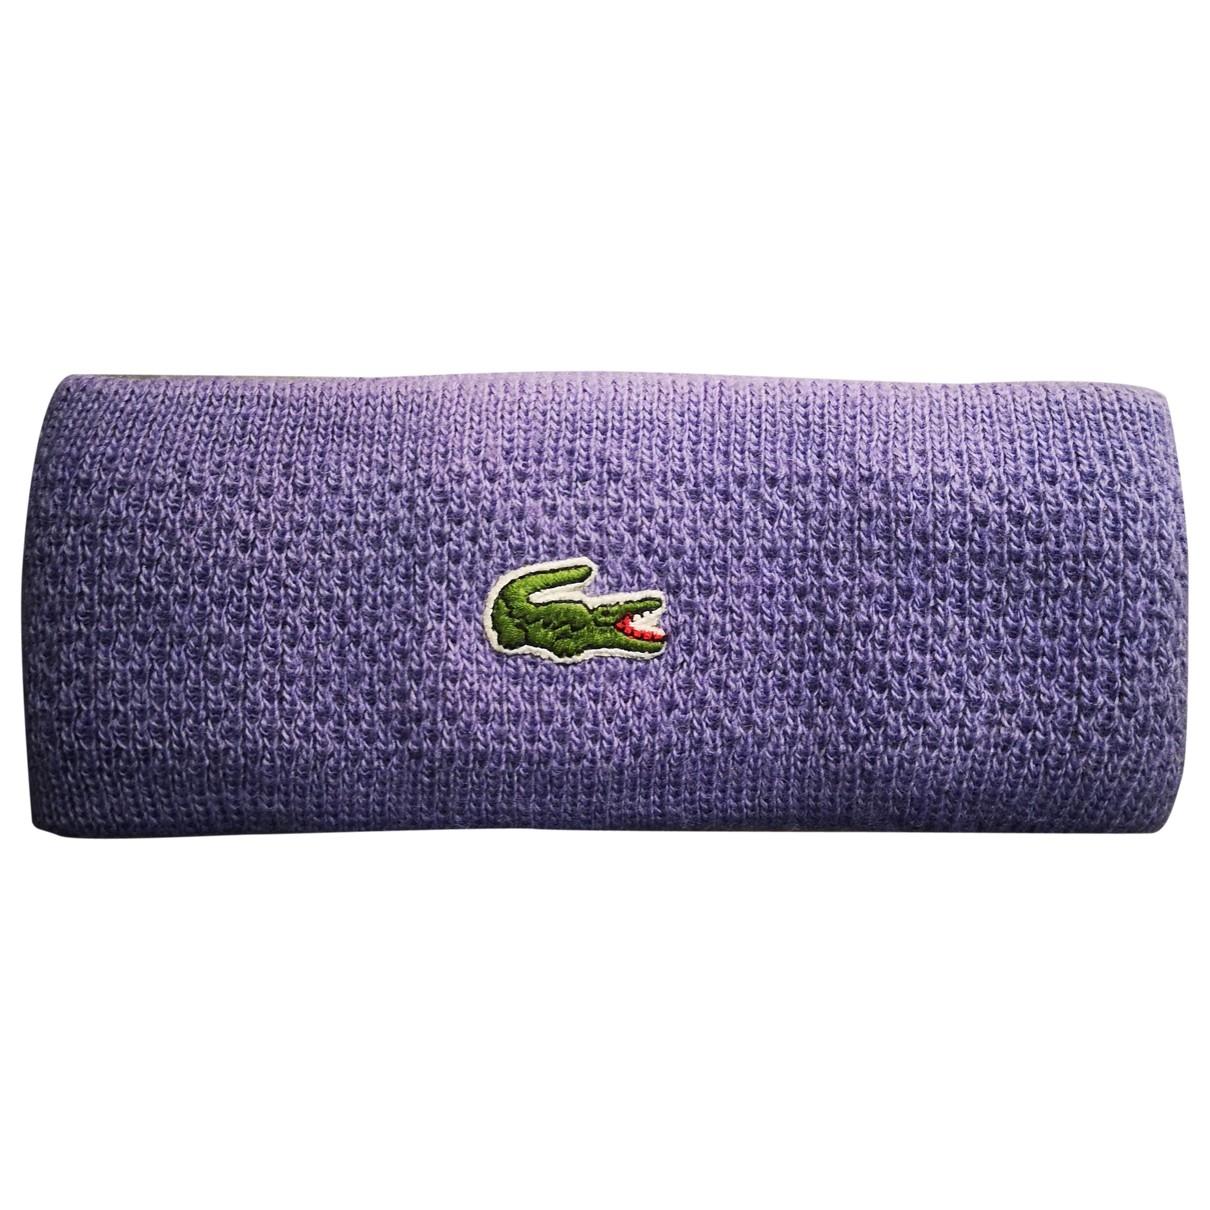 Lacoste \N Purple Wool hat for Women M International